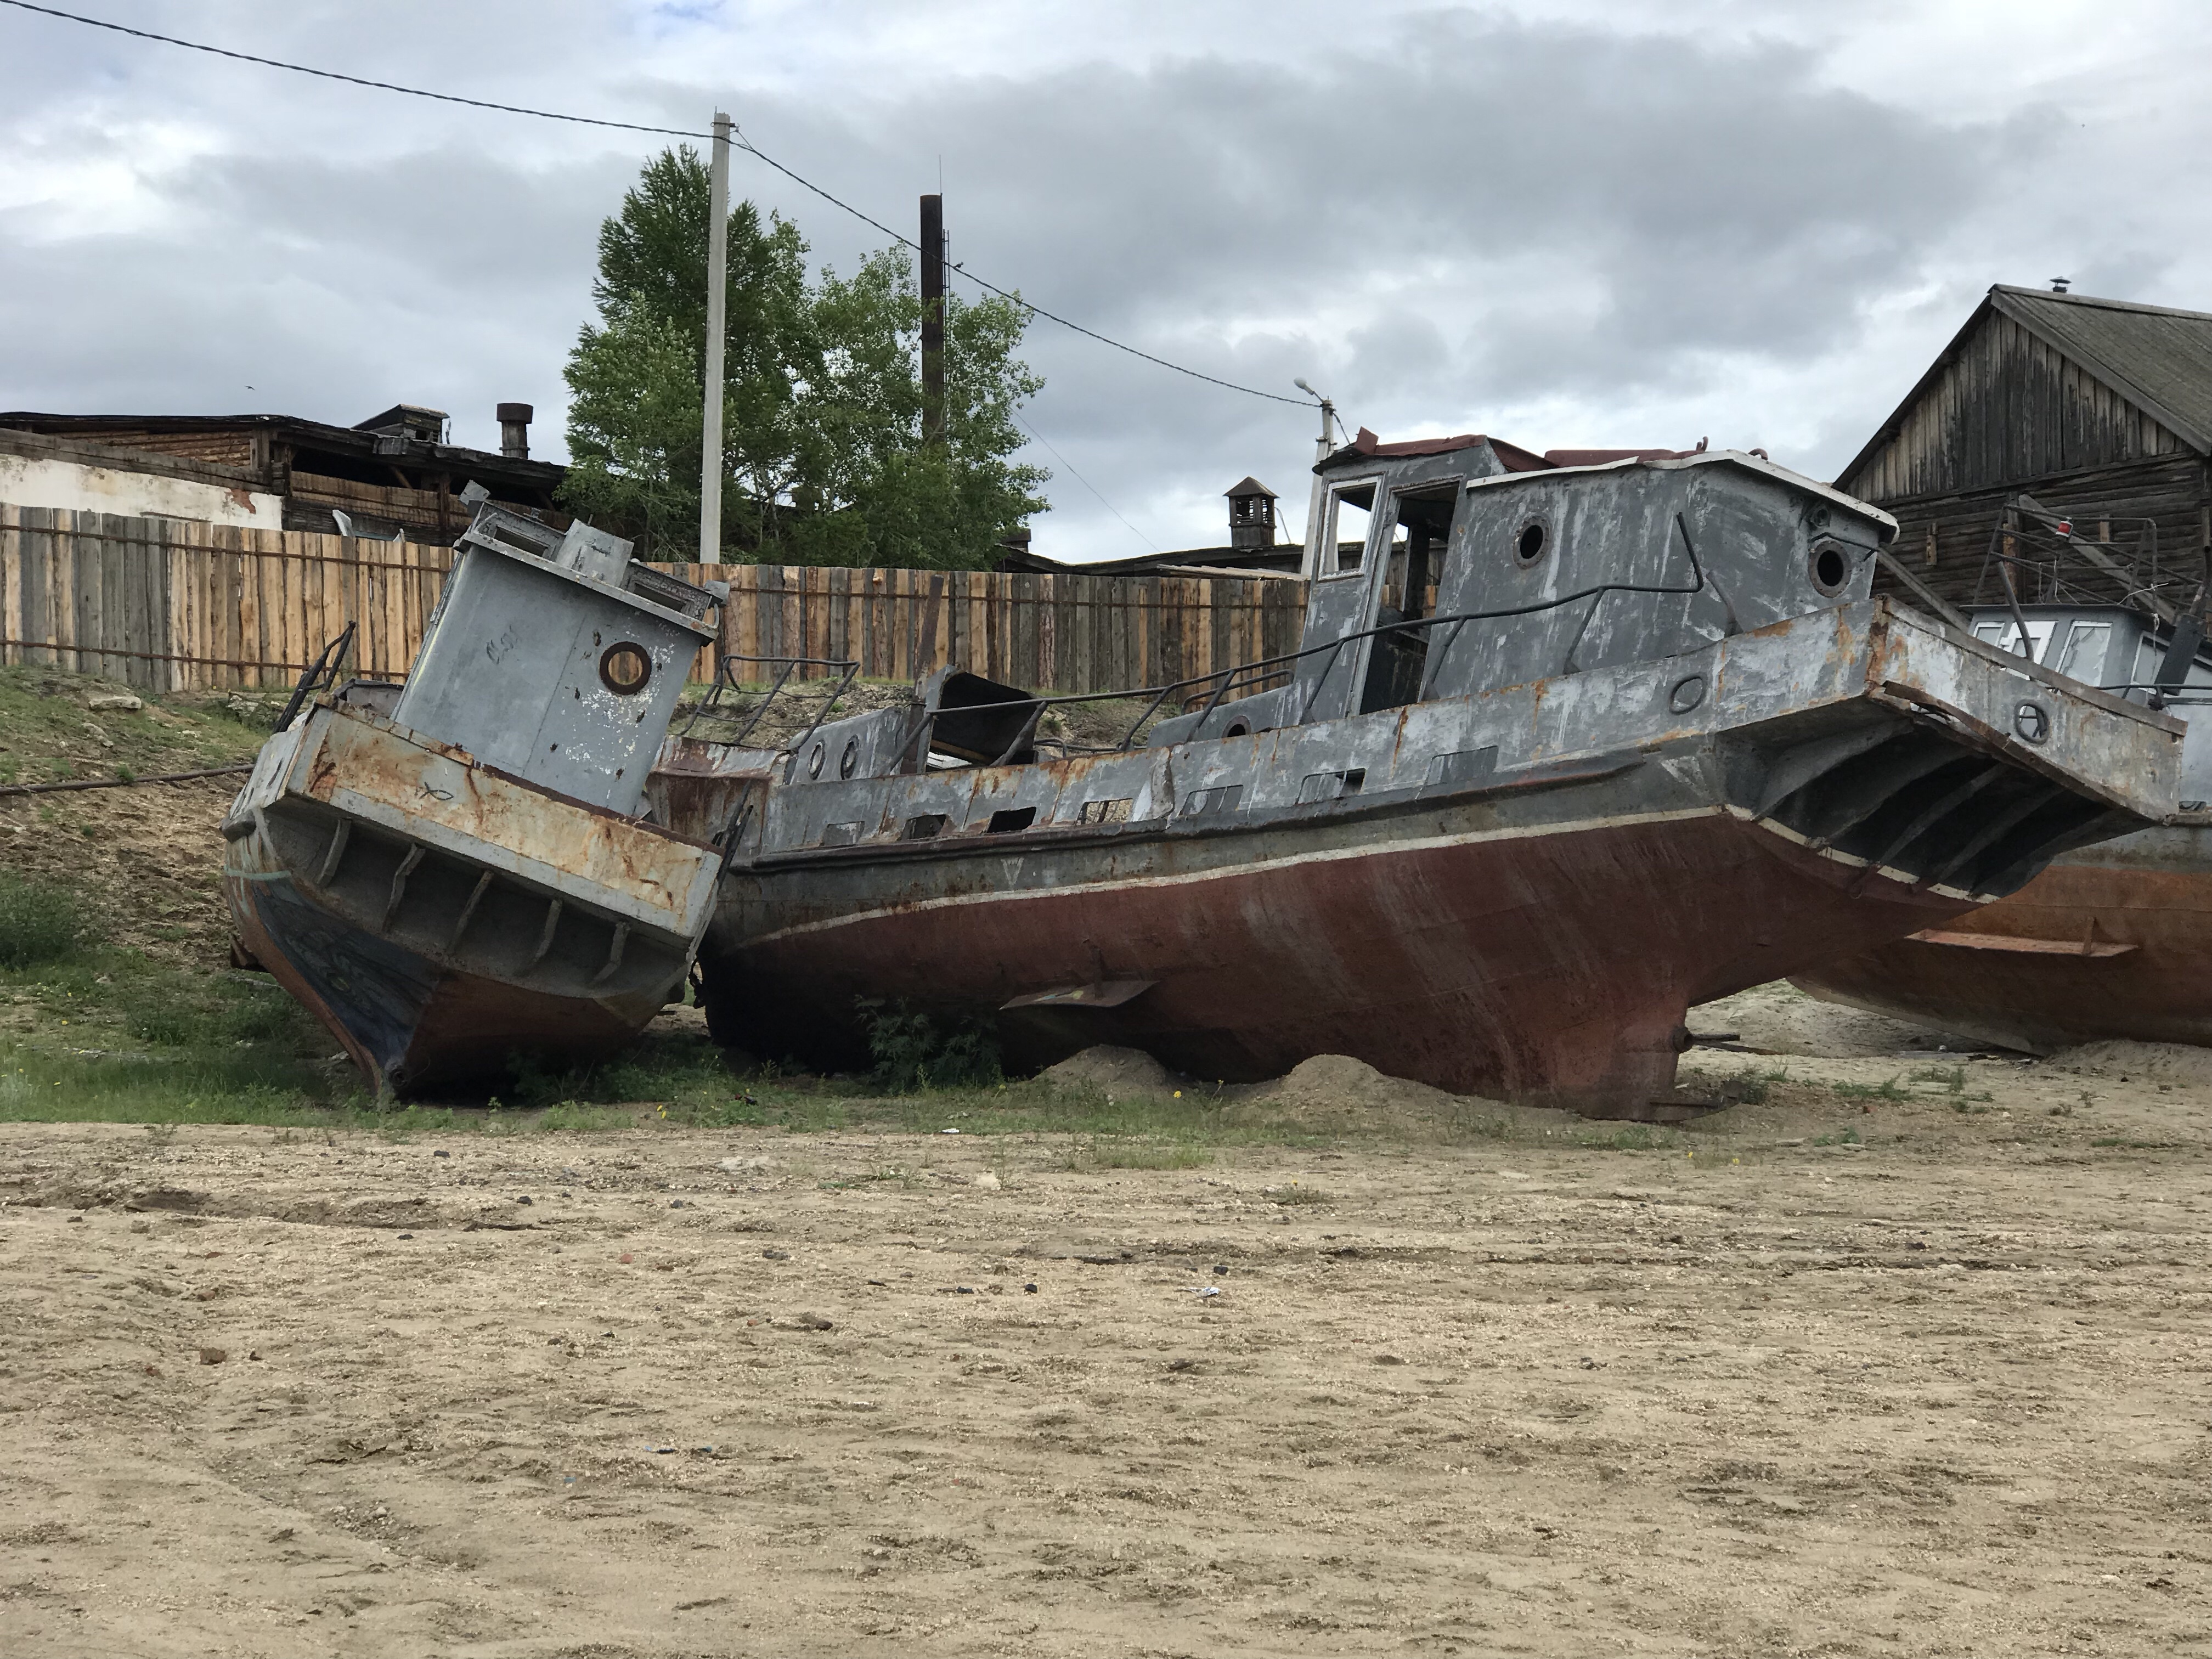 Reisetagebuch unserer Offroad-Reise mit dem Pickup Truck auf dem Sibirischen Trakt in den Fernen Osten Russlands